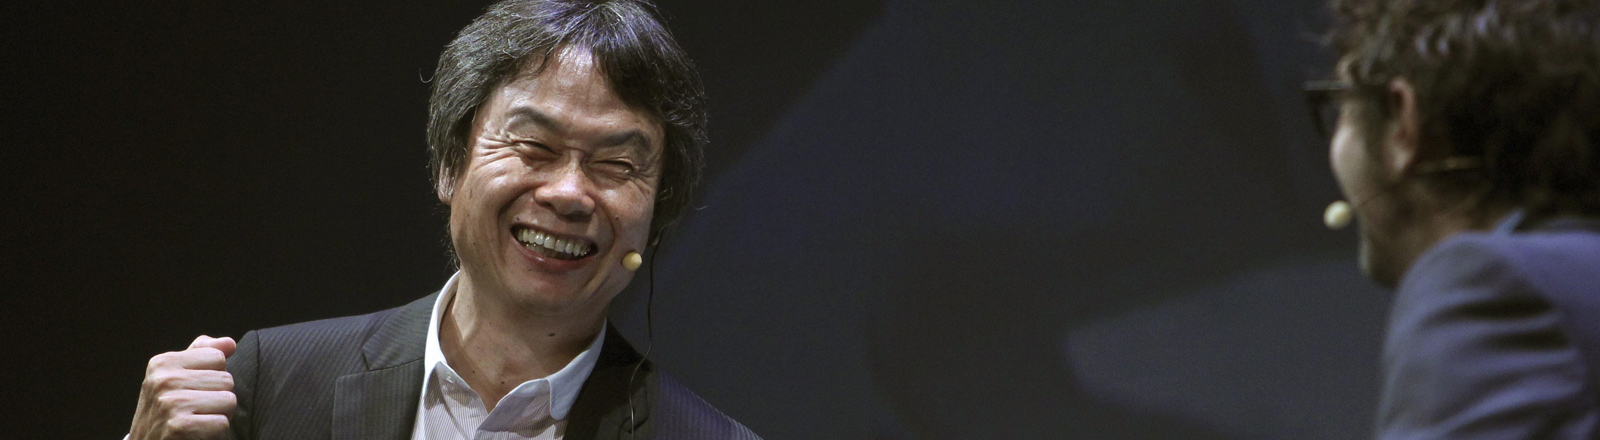 Der japanische Spielentwickler Shigeru Miyamoto hat Super Mario, Zelda und viele andere erfunden. 2012 erhielt er den Prinz-von-Asturien-Preis.